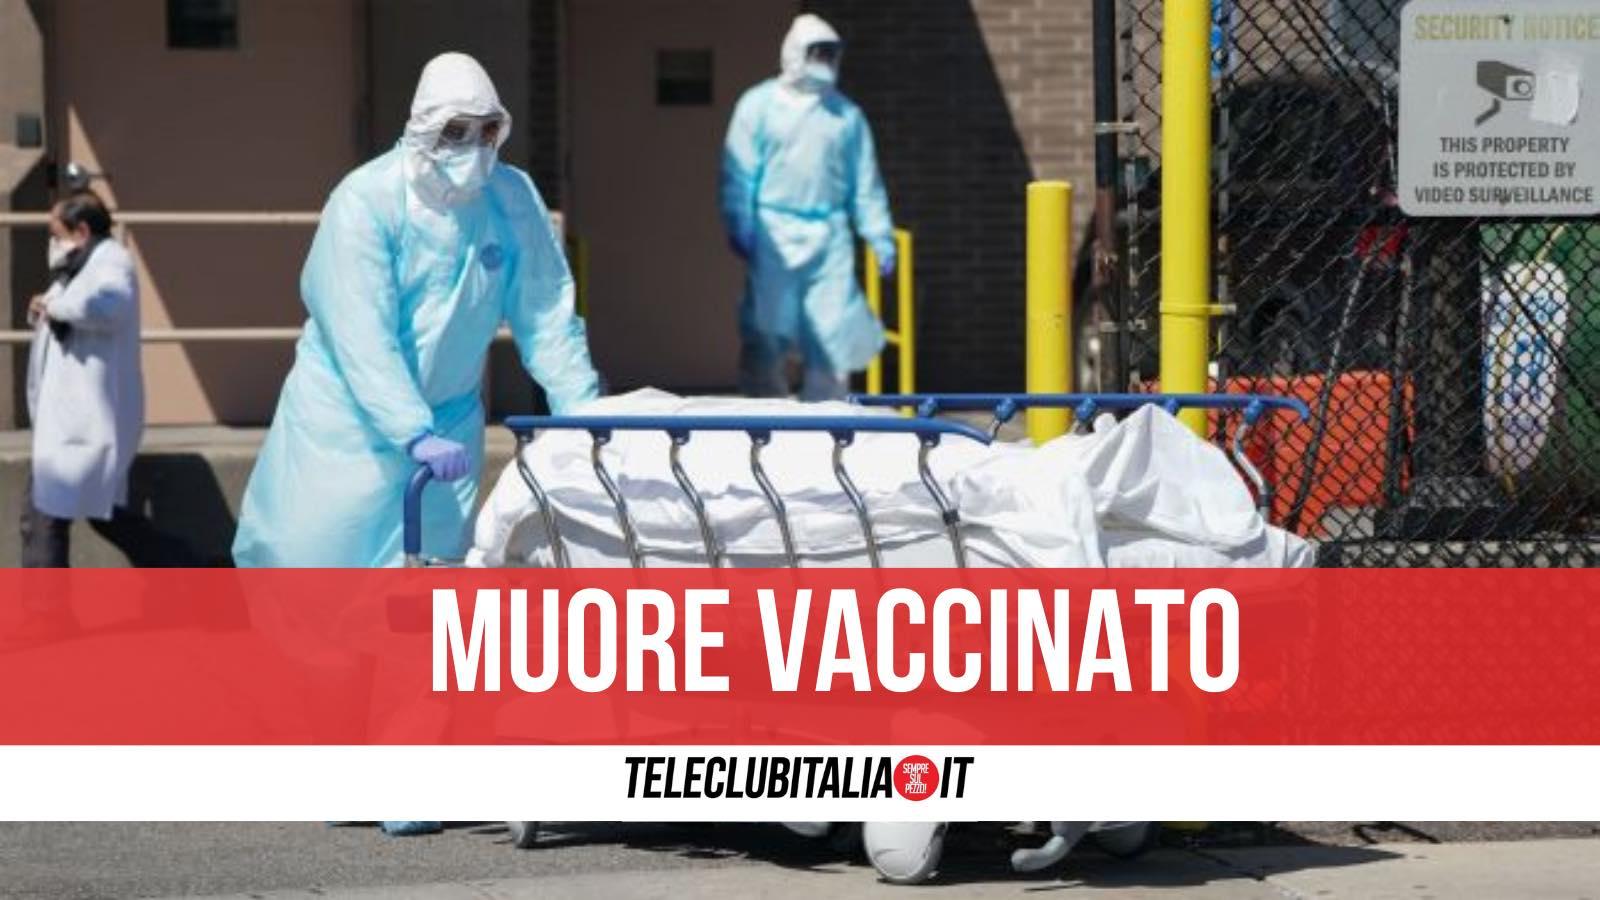 morto vaccinato agerola